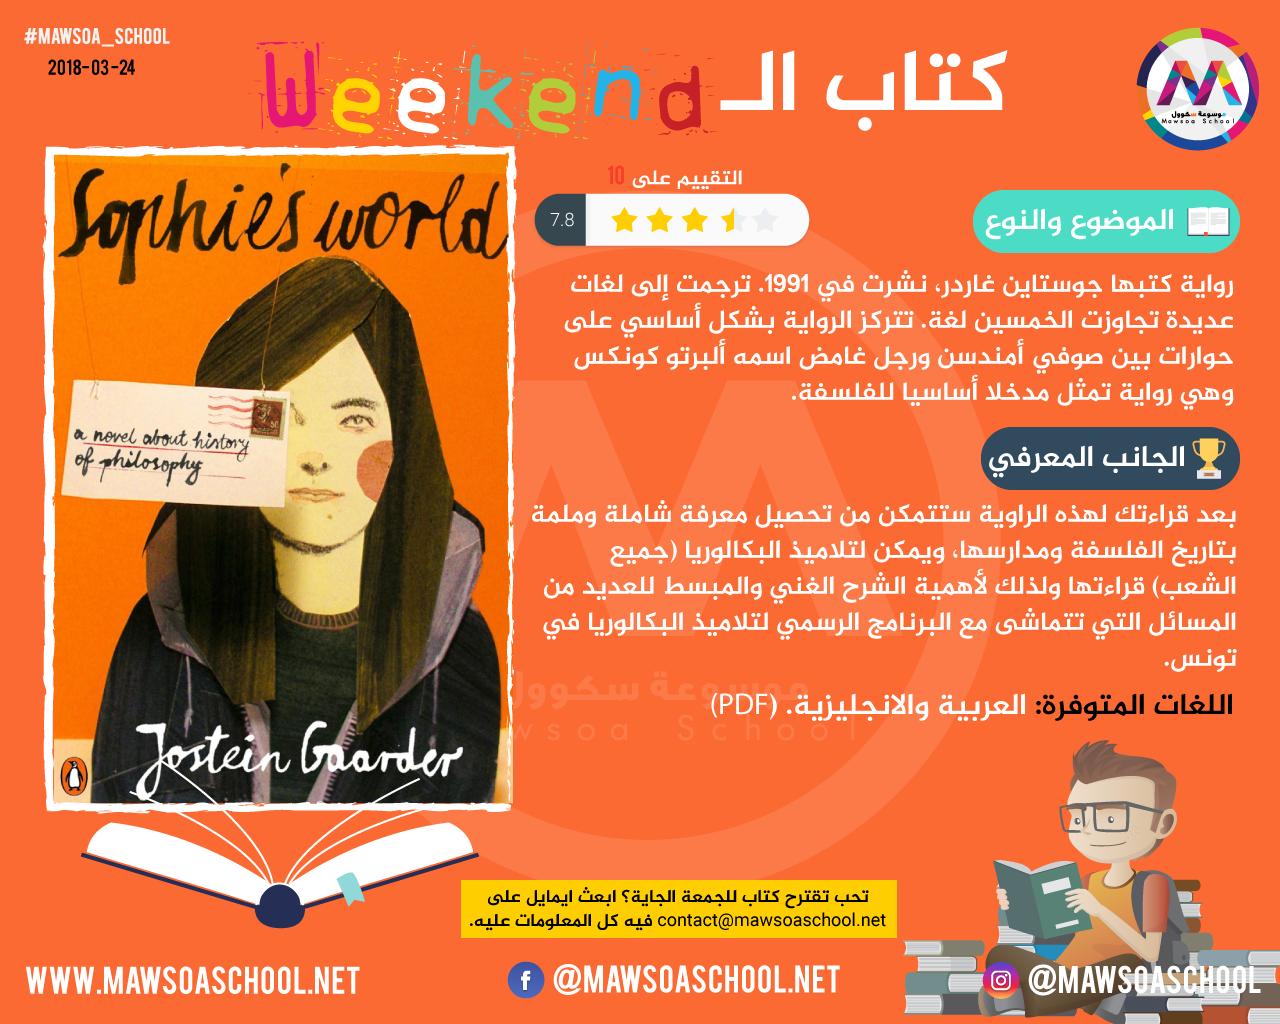 كتاب الـWeekend: عالم صوفي (Sophie's World)